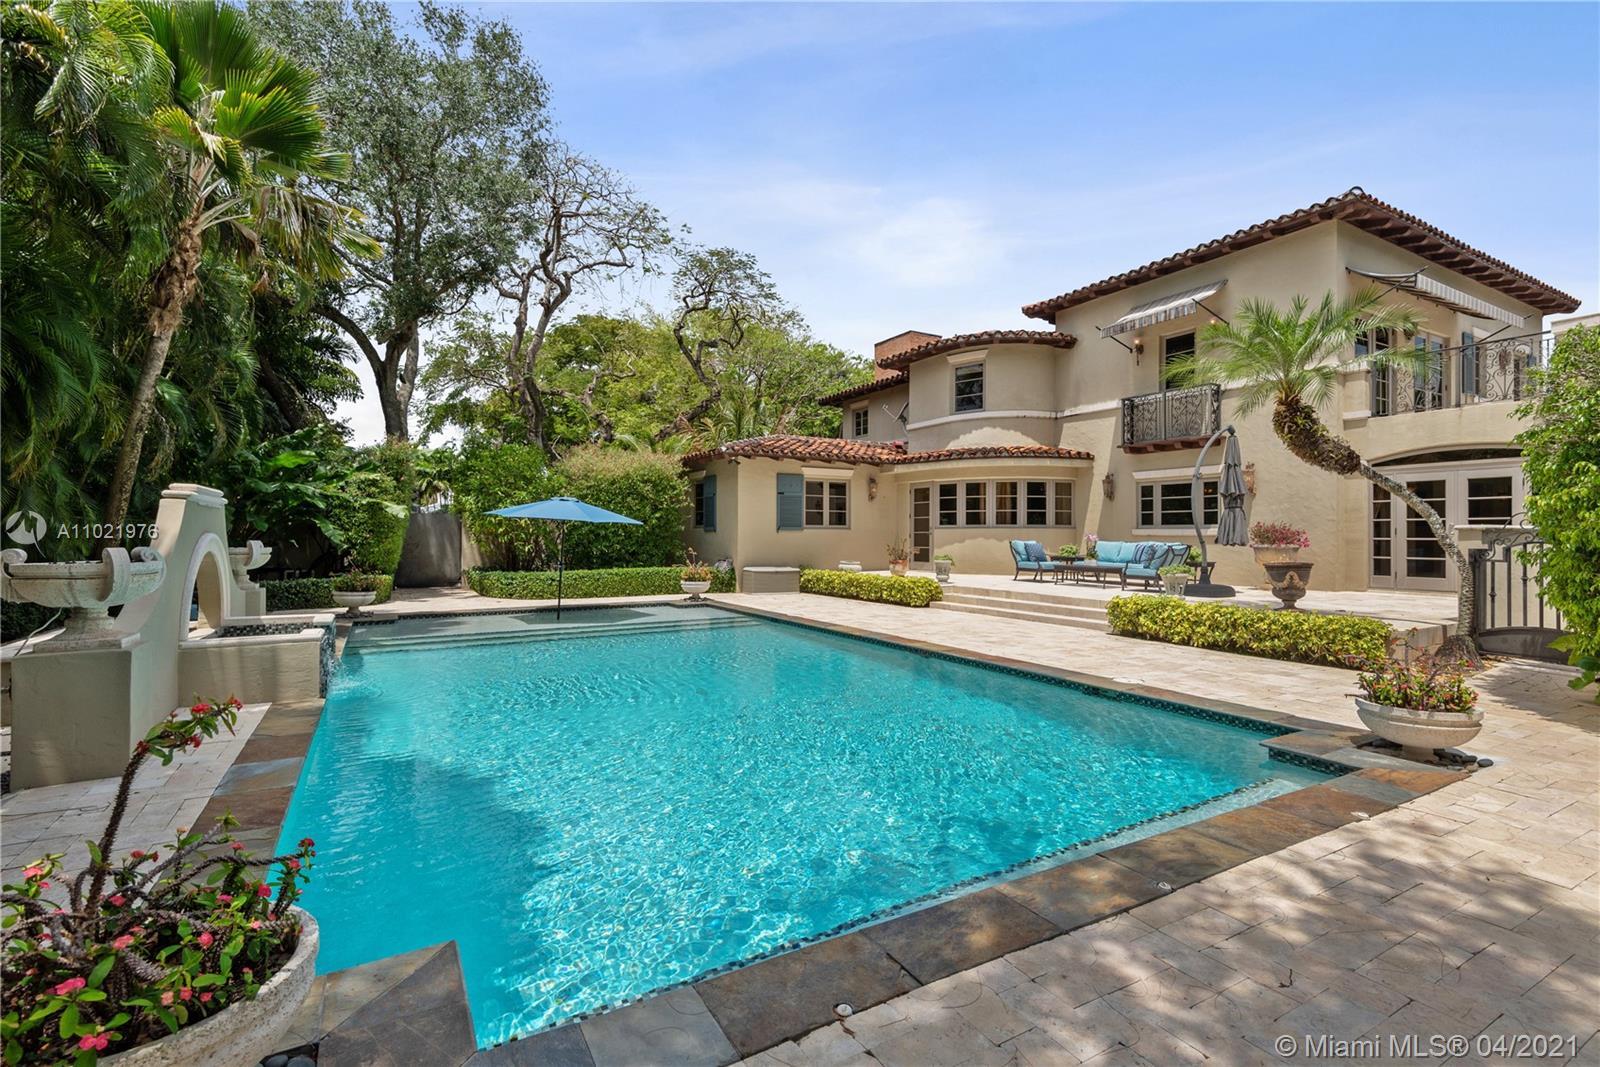 Pool Fountain.